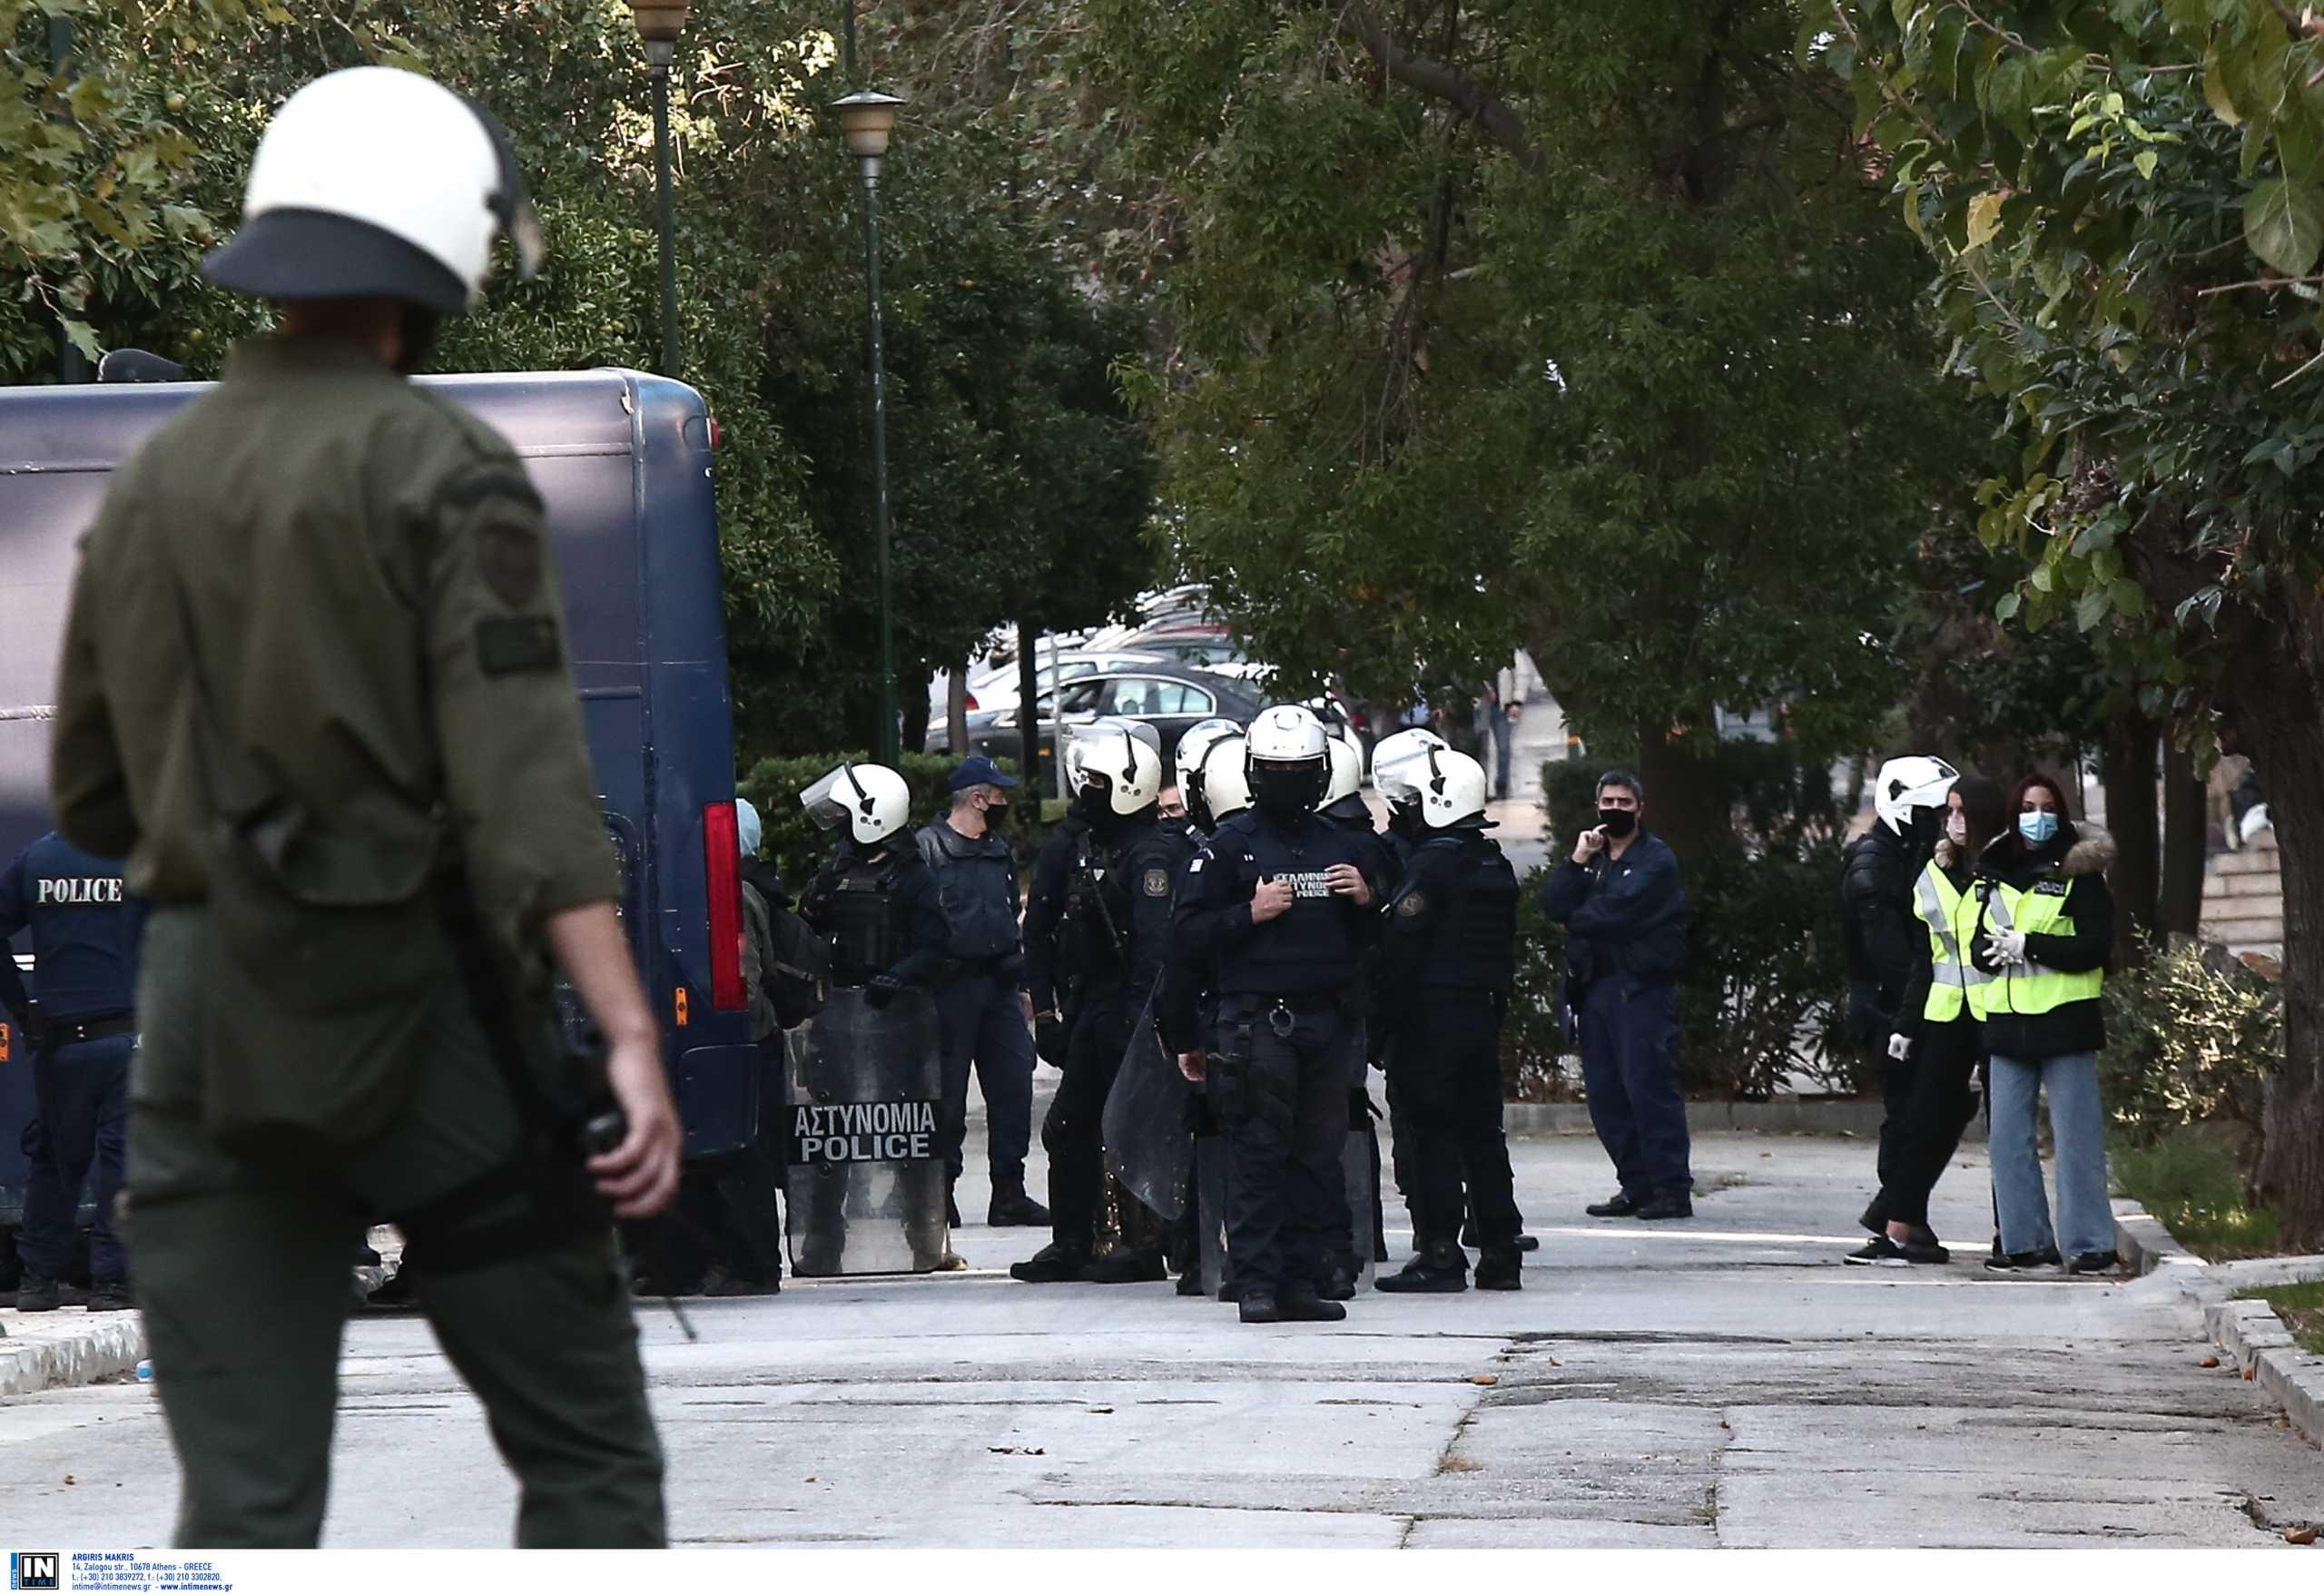 Επέτειος Γρηγορόπουλου: Απαγορεύονται την Κυριακή οι συναθροίσεις άνω των 4 ατόμων